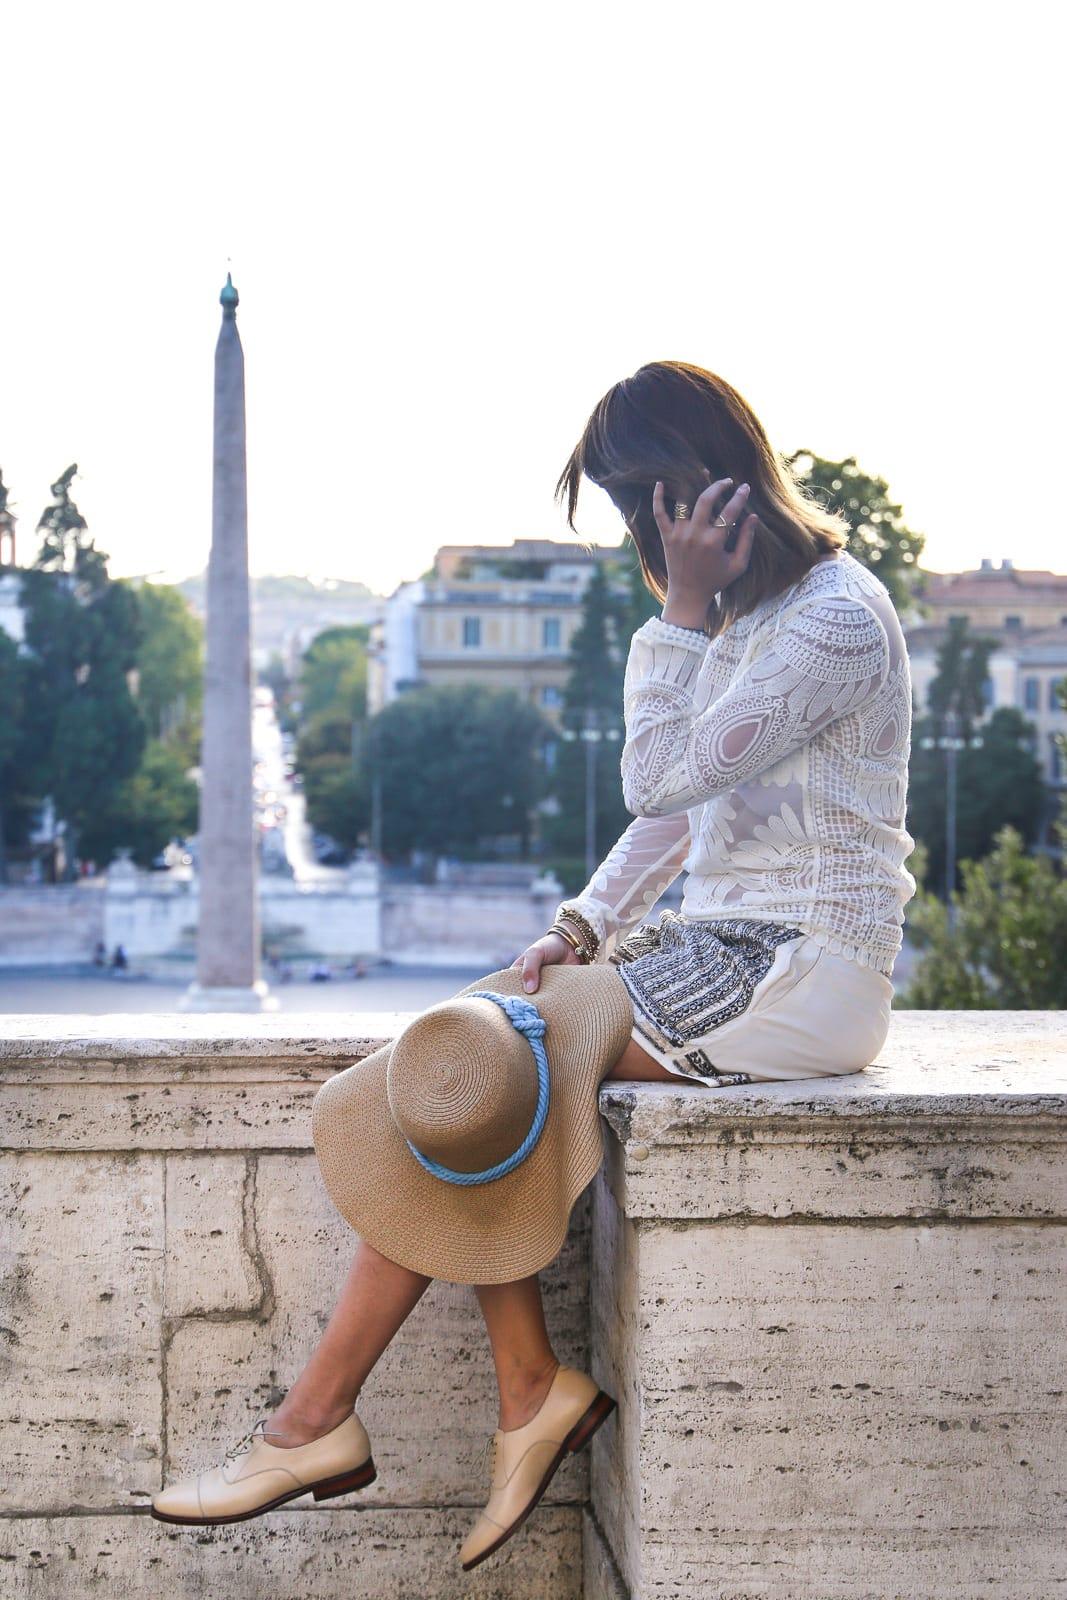 Sommerliches Outfit in Rom: Strohhut, Shorts und Oxford Schuhe